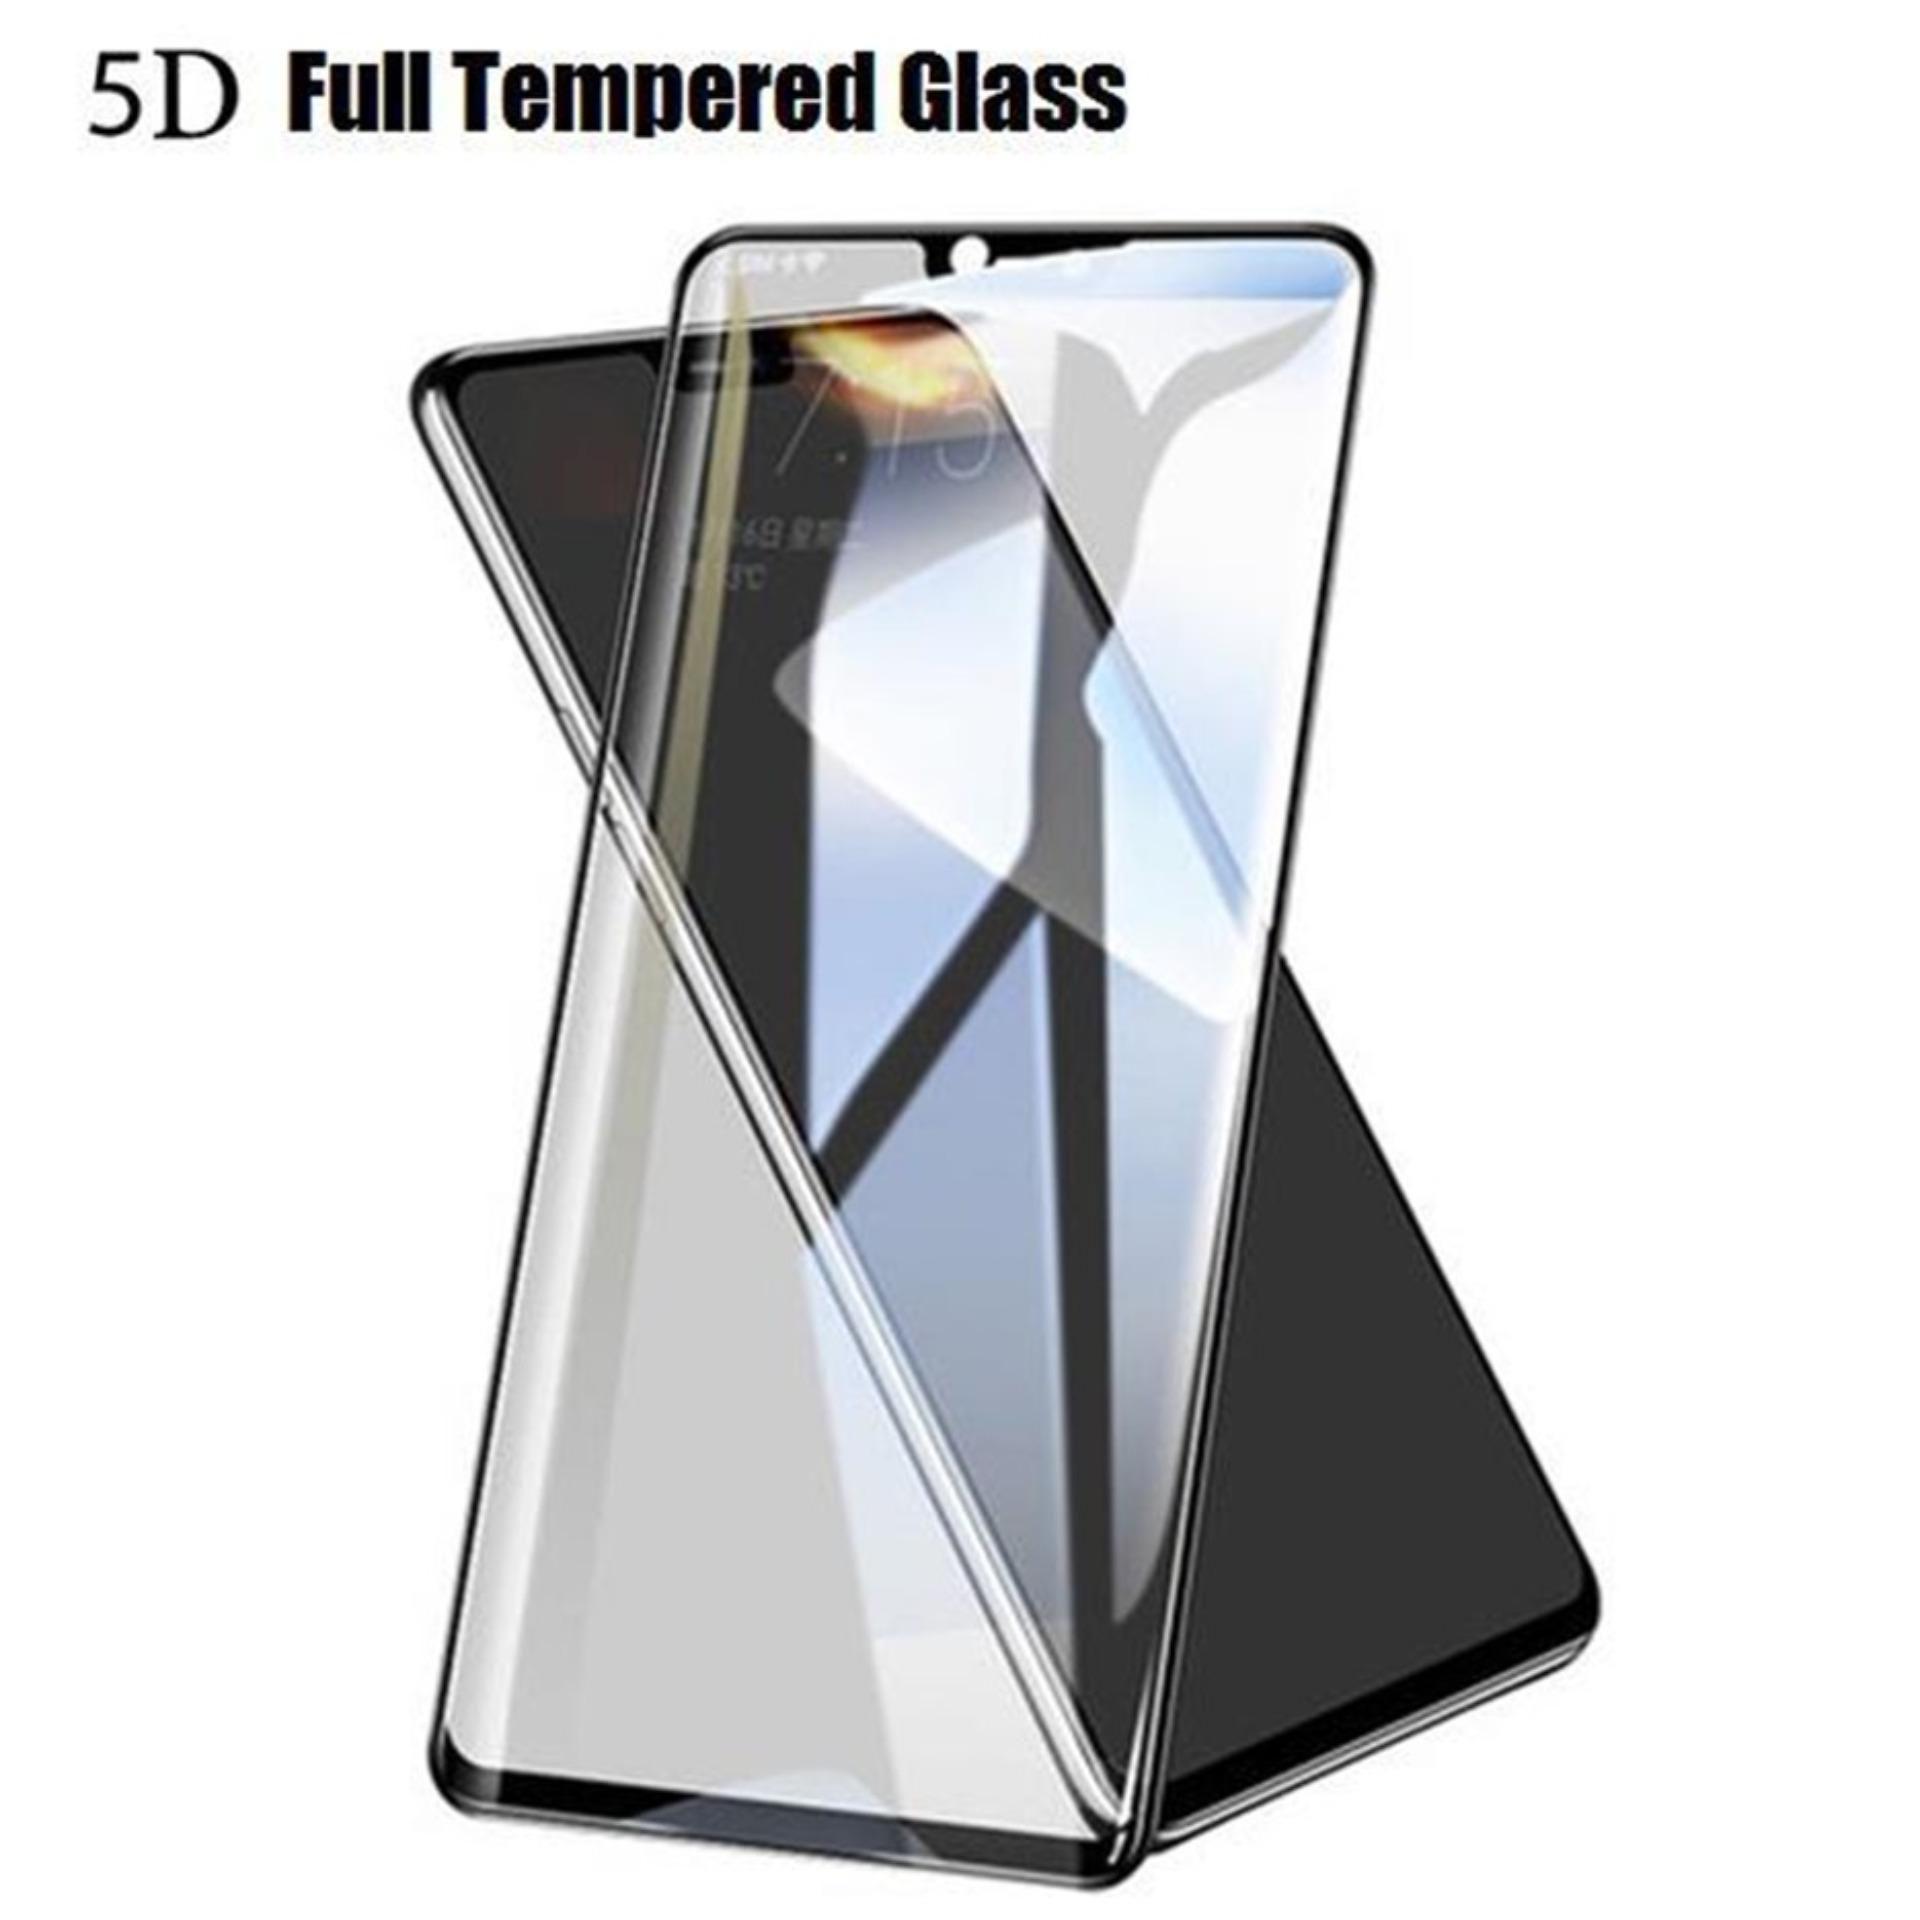 Tempered Glass 5D For VIVO V9- Full Lem & Full Screen - Black